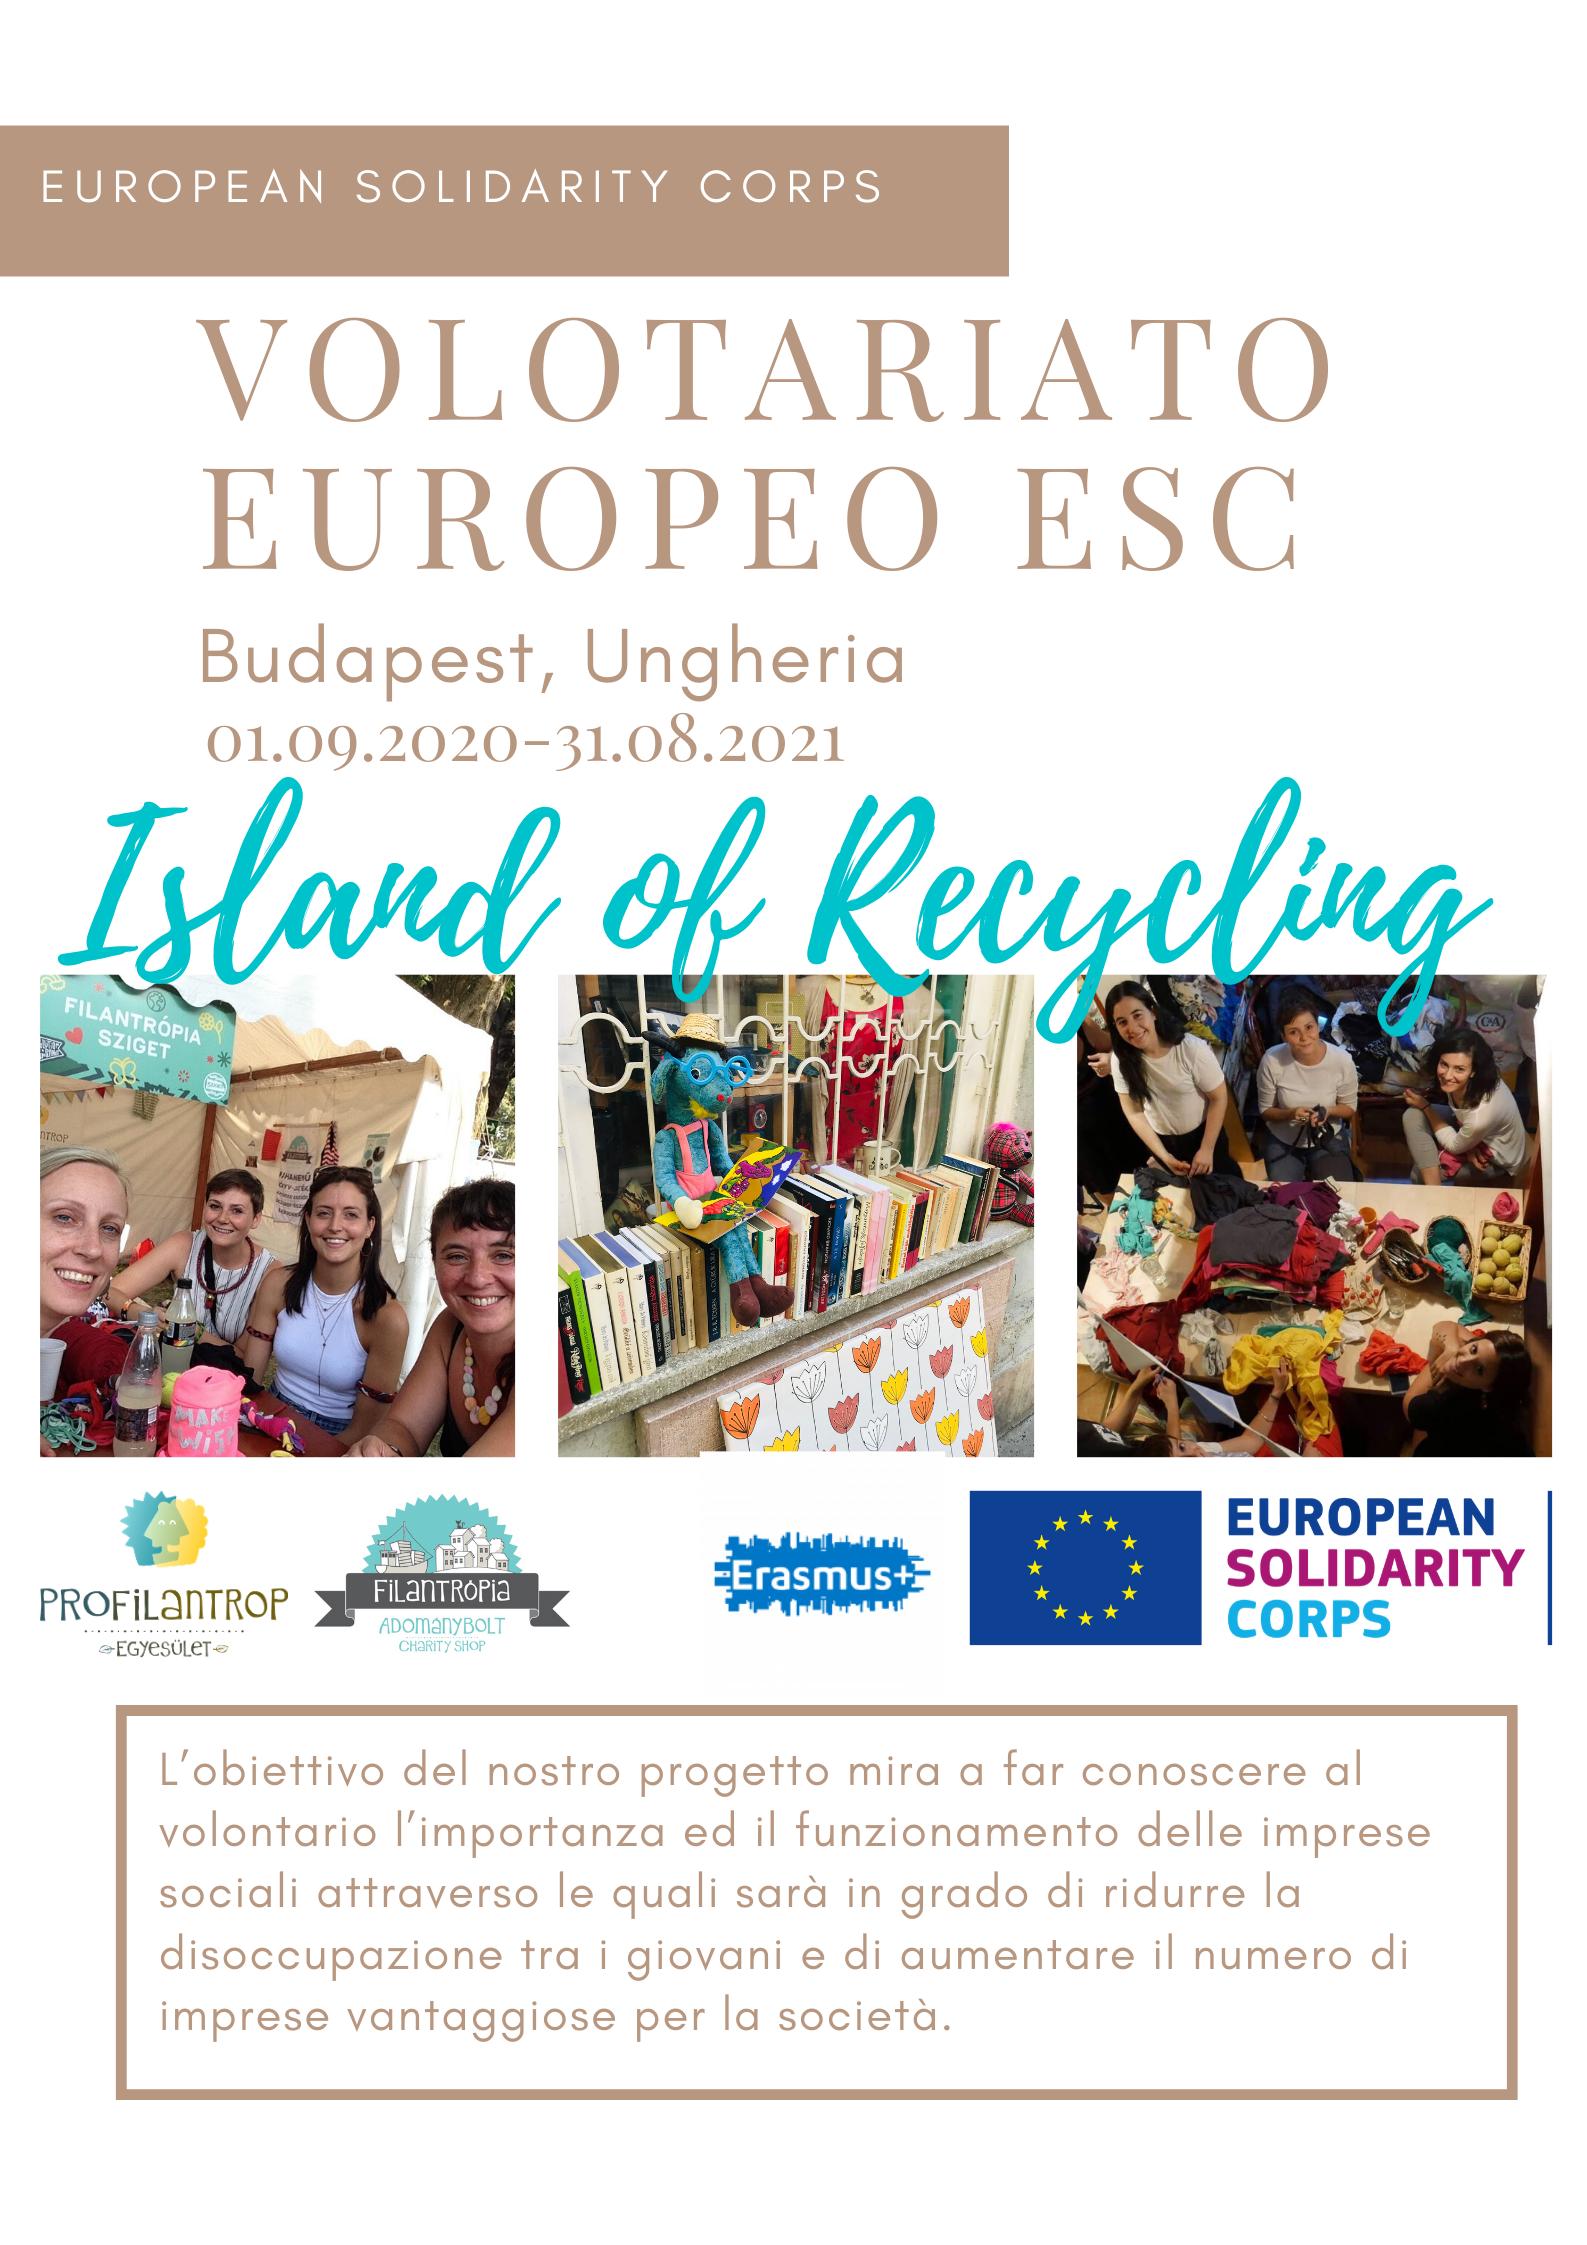 Island of Recycling - Progetto di Volontariato ESC a Budapest